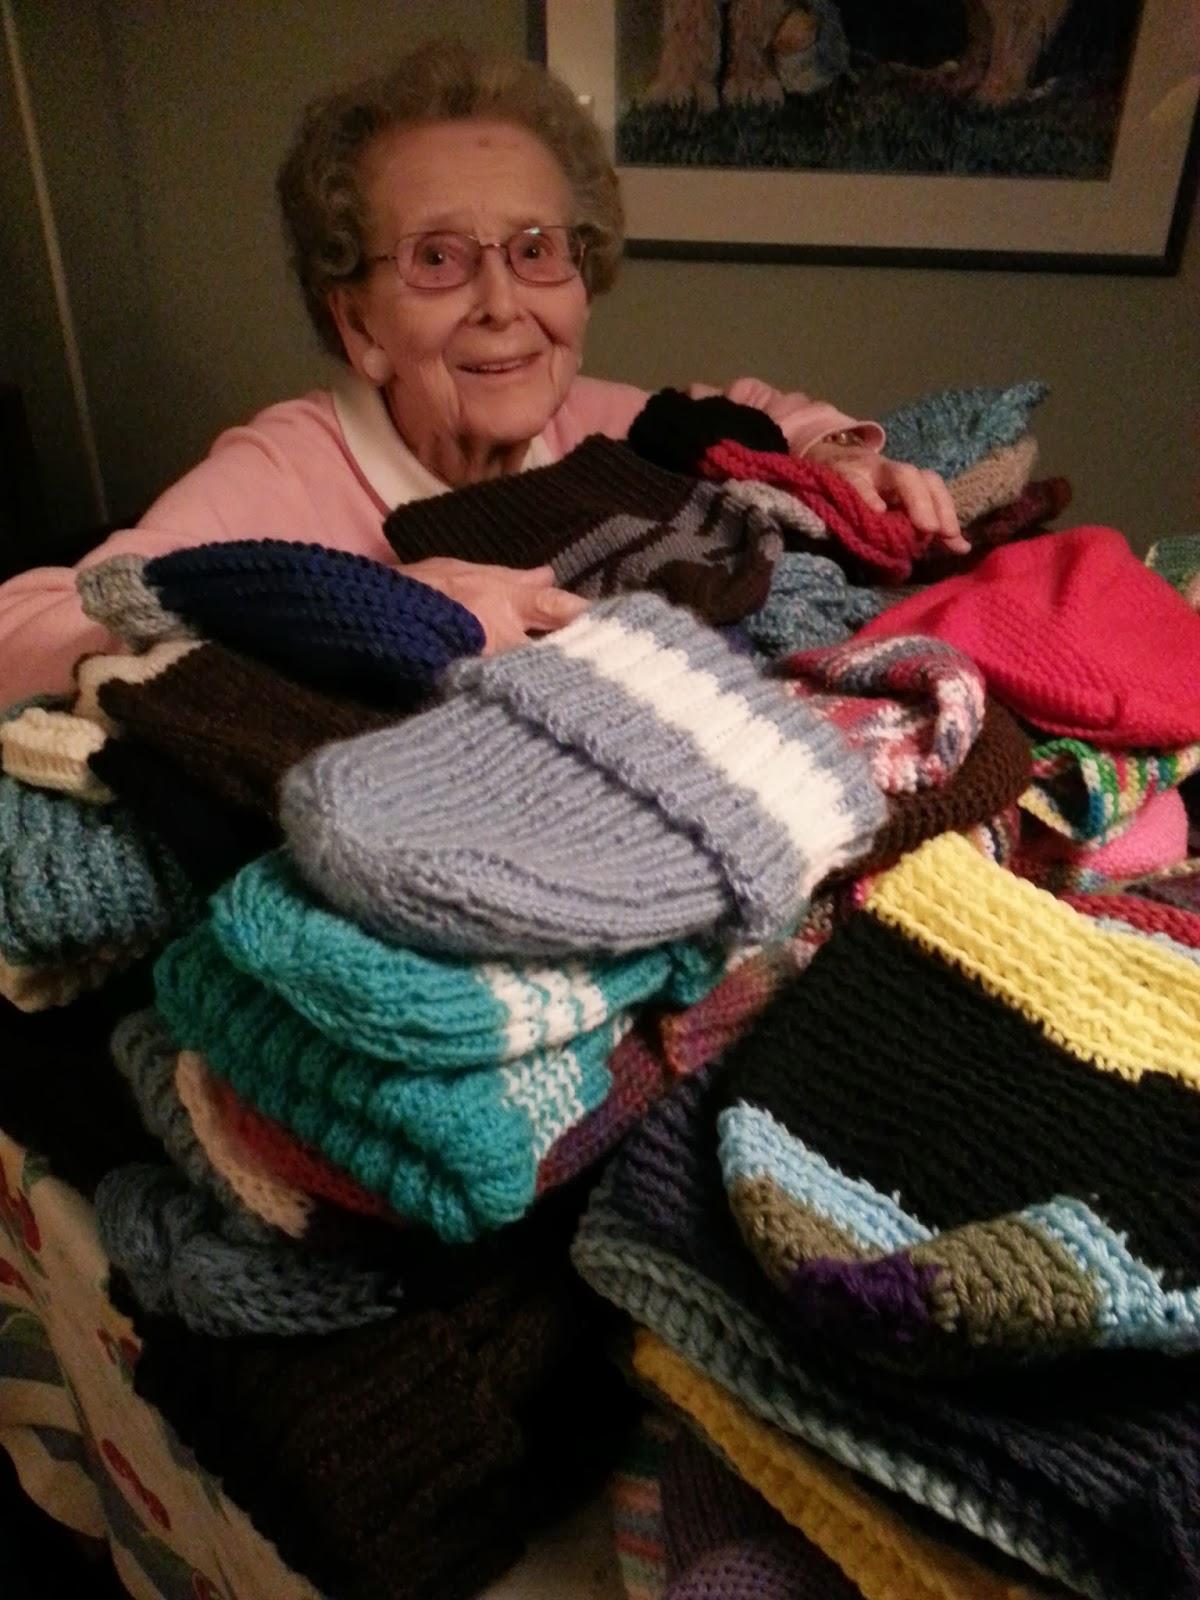 Get Knitting Grandma : Hats for the homeless knitting giving loving december